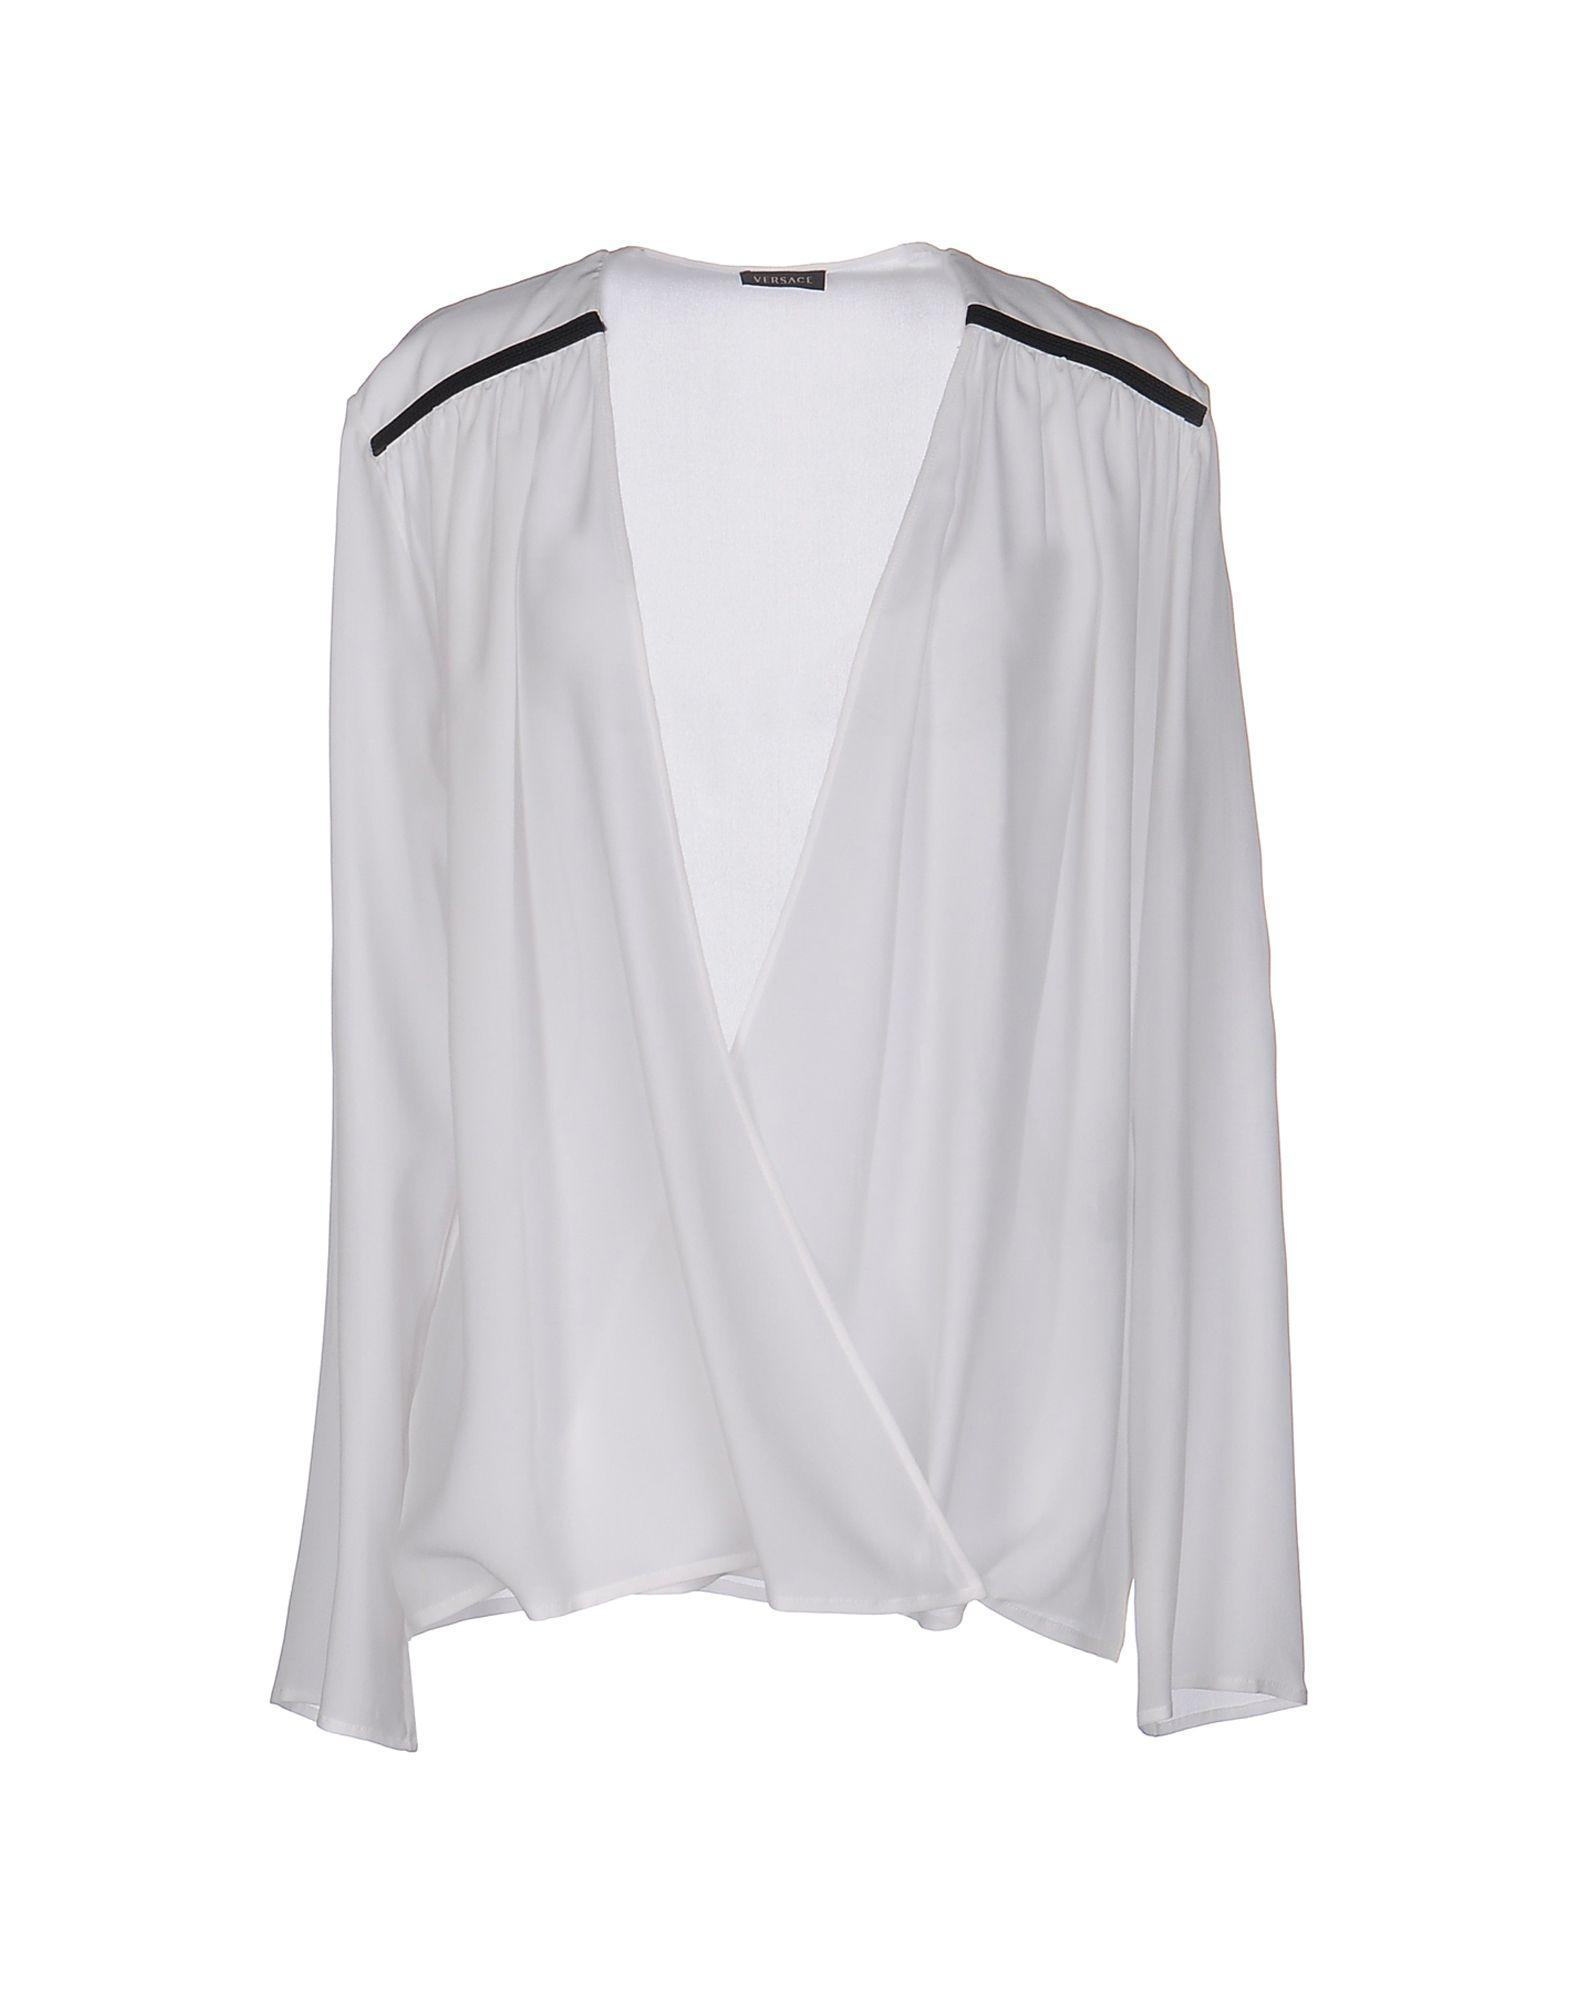 VERSACE Damen Hemd Farbe Weiß Größe 4